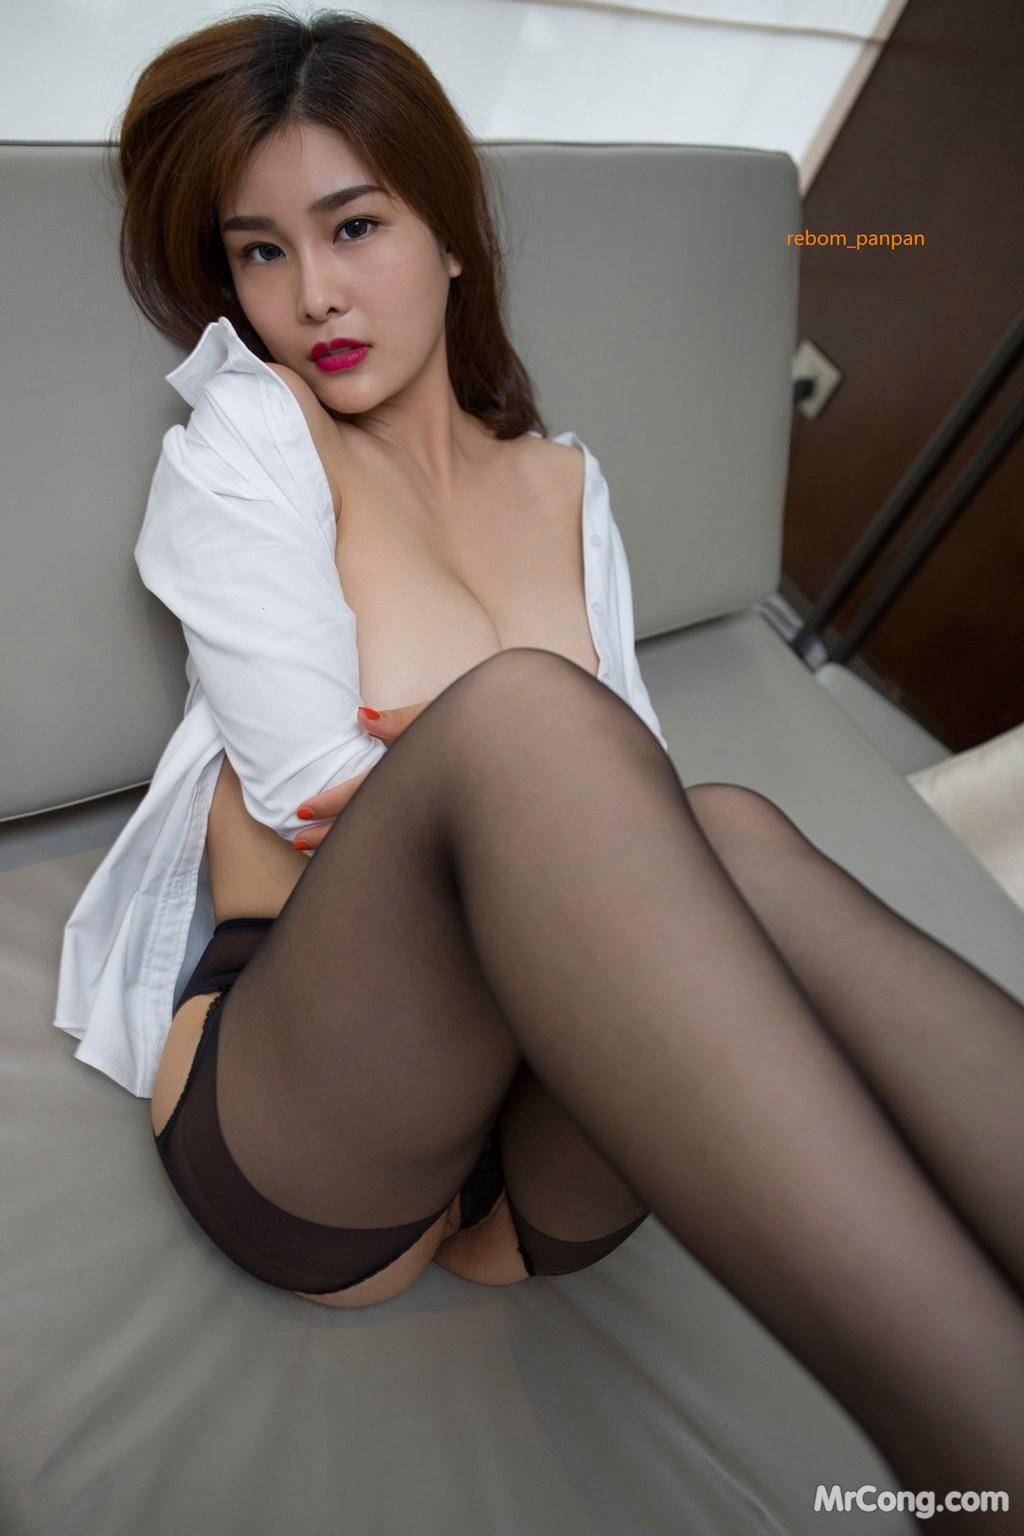 Image Yan-Pan-Pan-Part-4-MrCong.com-026 in post Người đẹp Yan Pan Pan (闫盼盼) hờ hững khoe vòng một trên giường ngủ (40 ảnh)